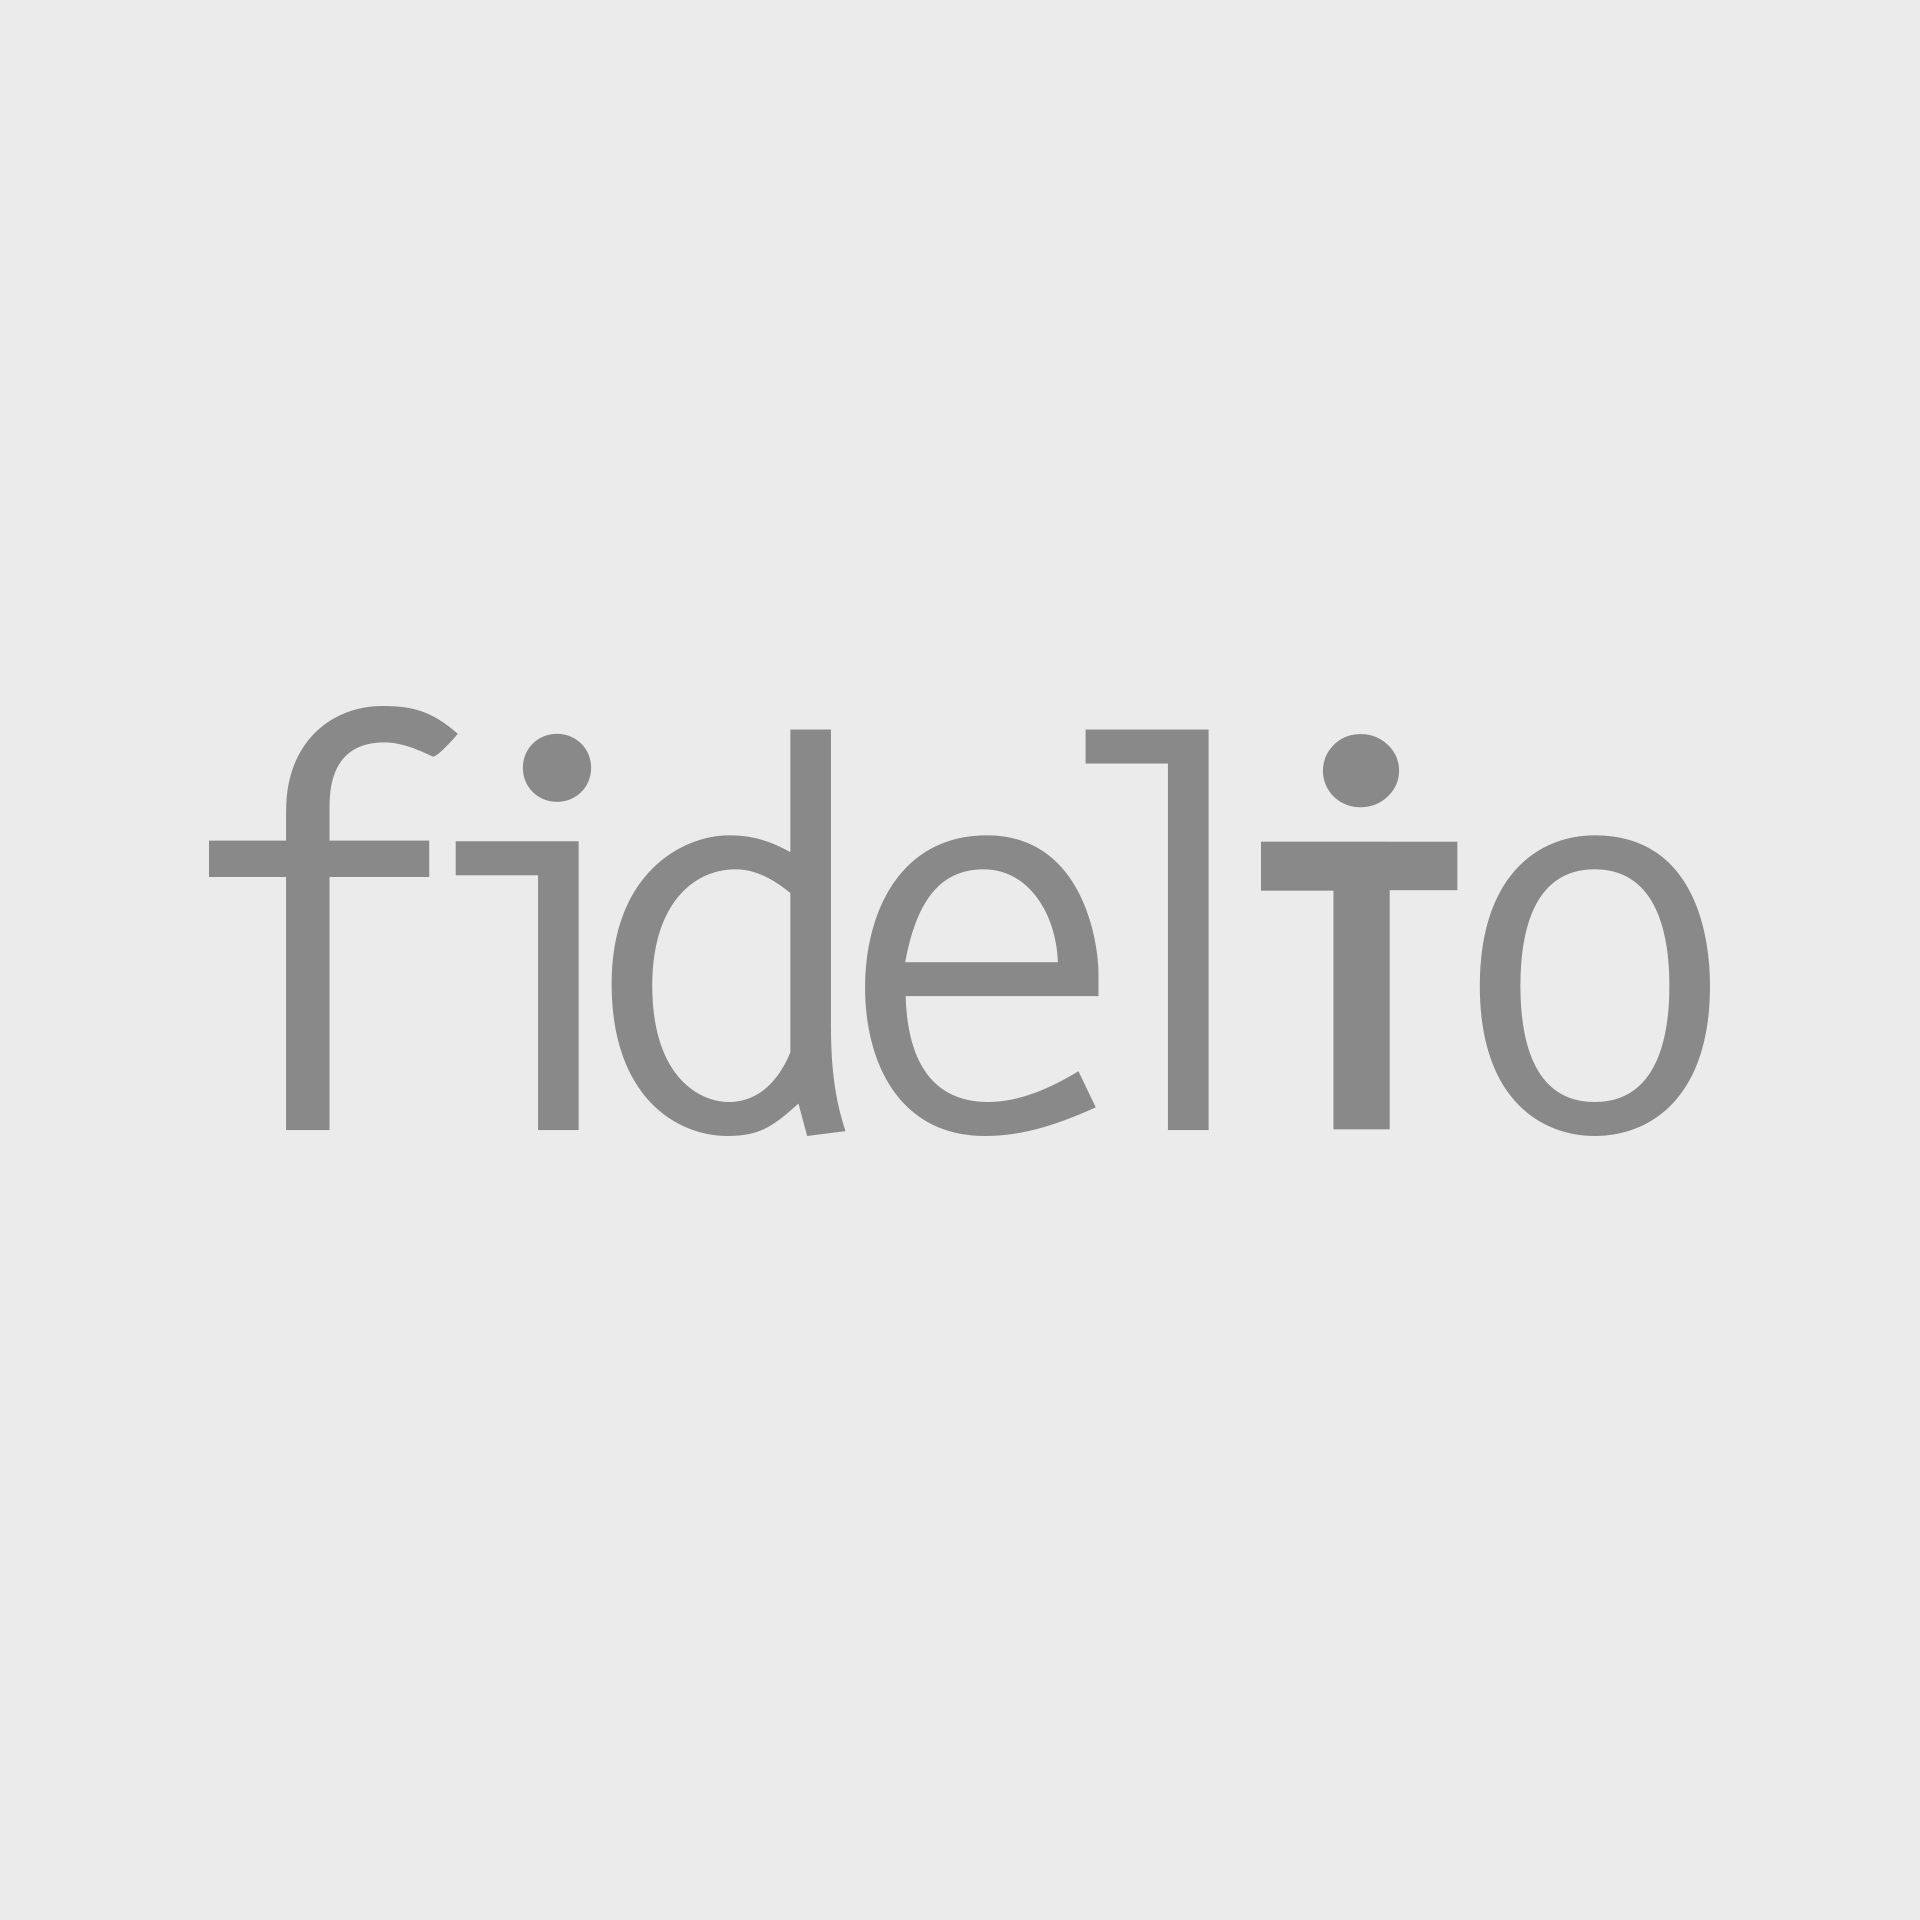 Fidelio-225337.jpg